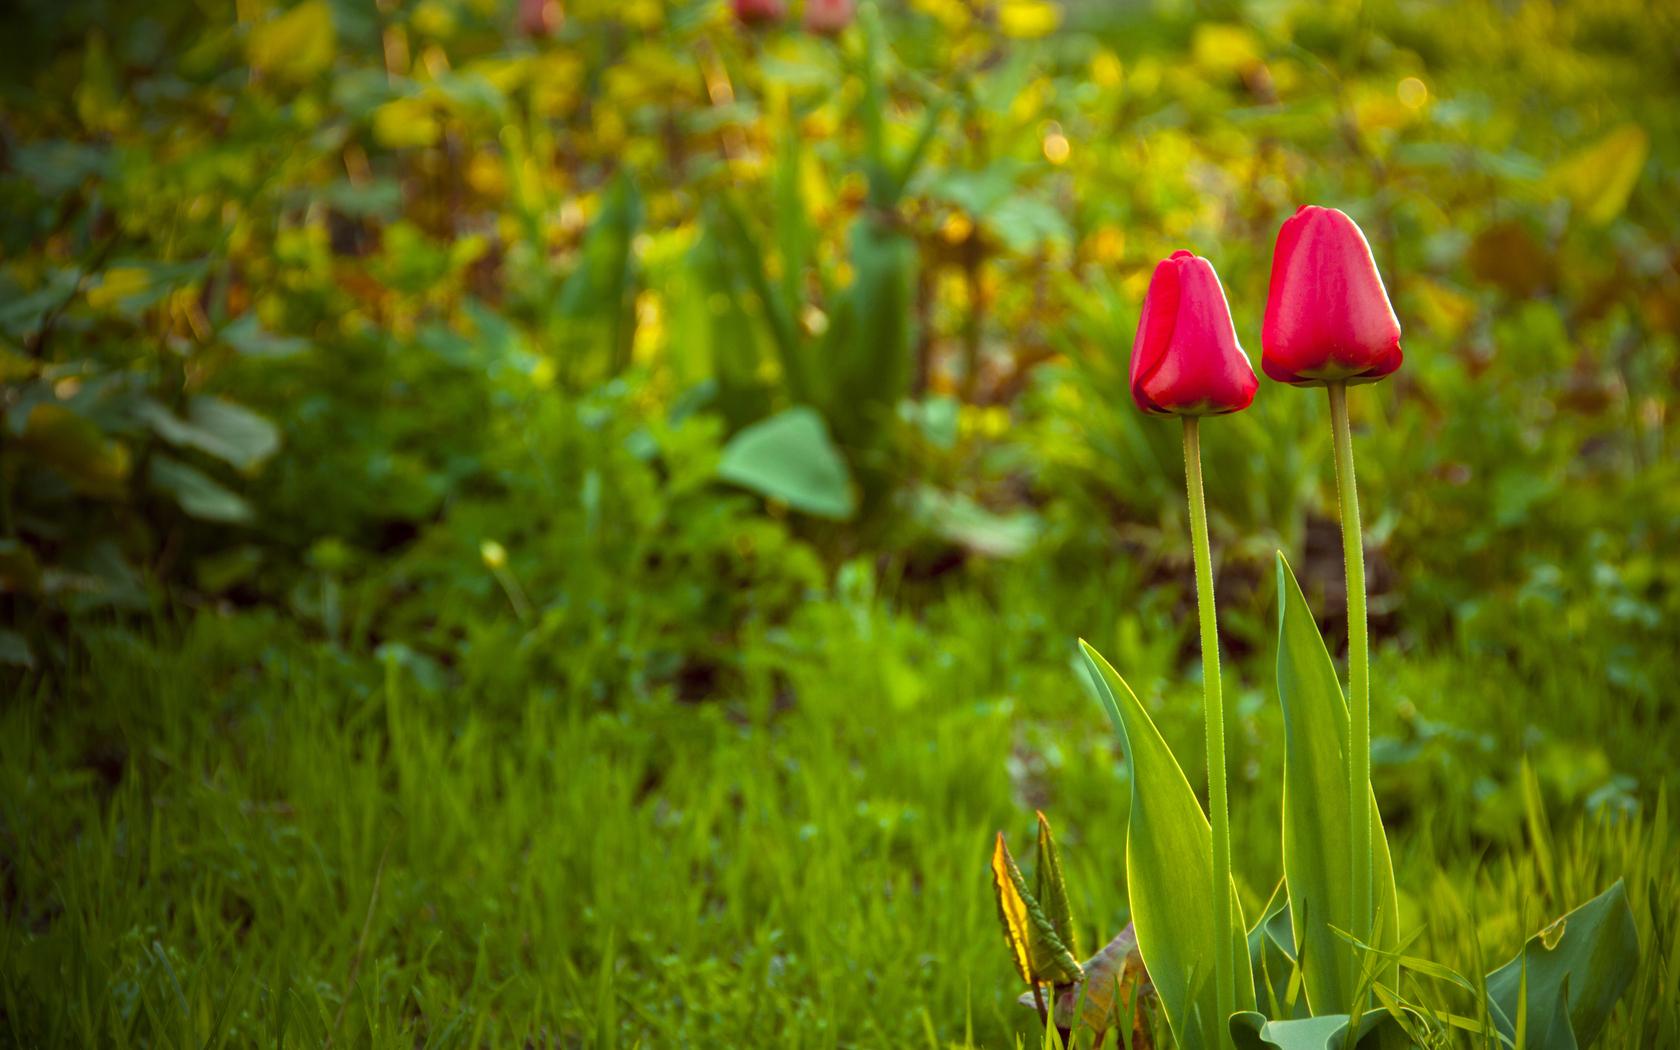 Sfondi primavera hd per desktop tulipani sfondi hd gratis for Immagini desktop primavera